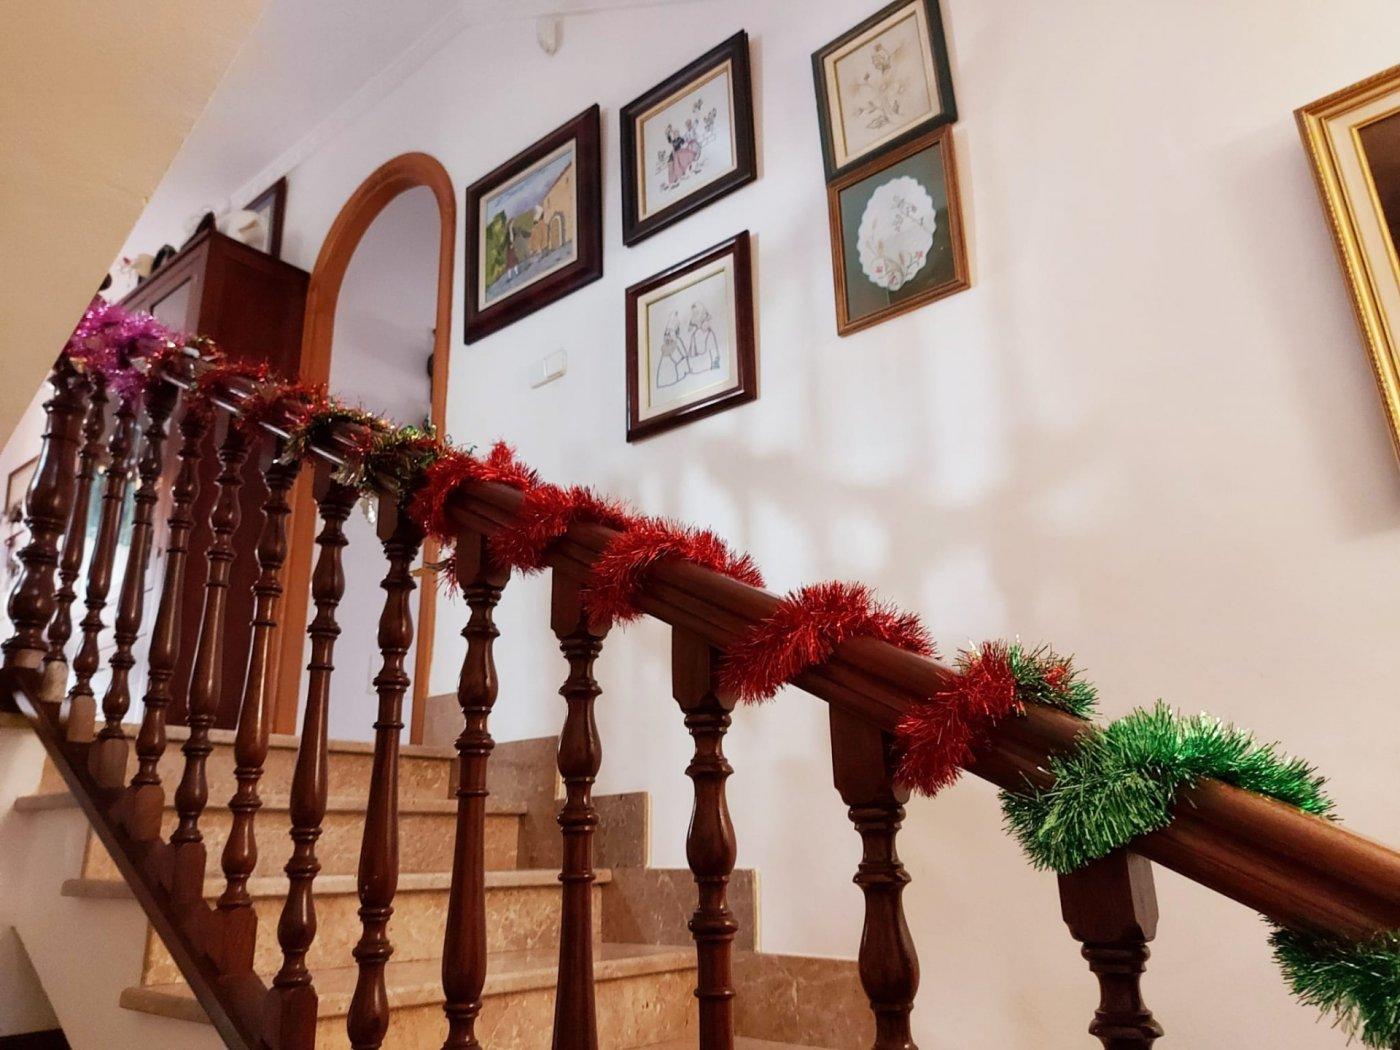 En venta espectacular casa o chalet en can carbonellell-sa cabana - imagenInmueble4